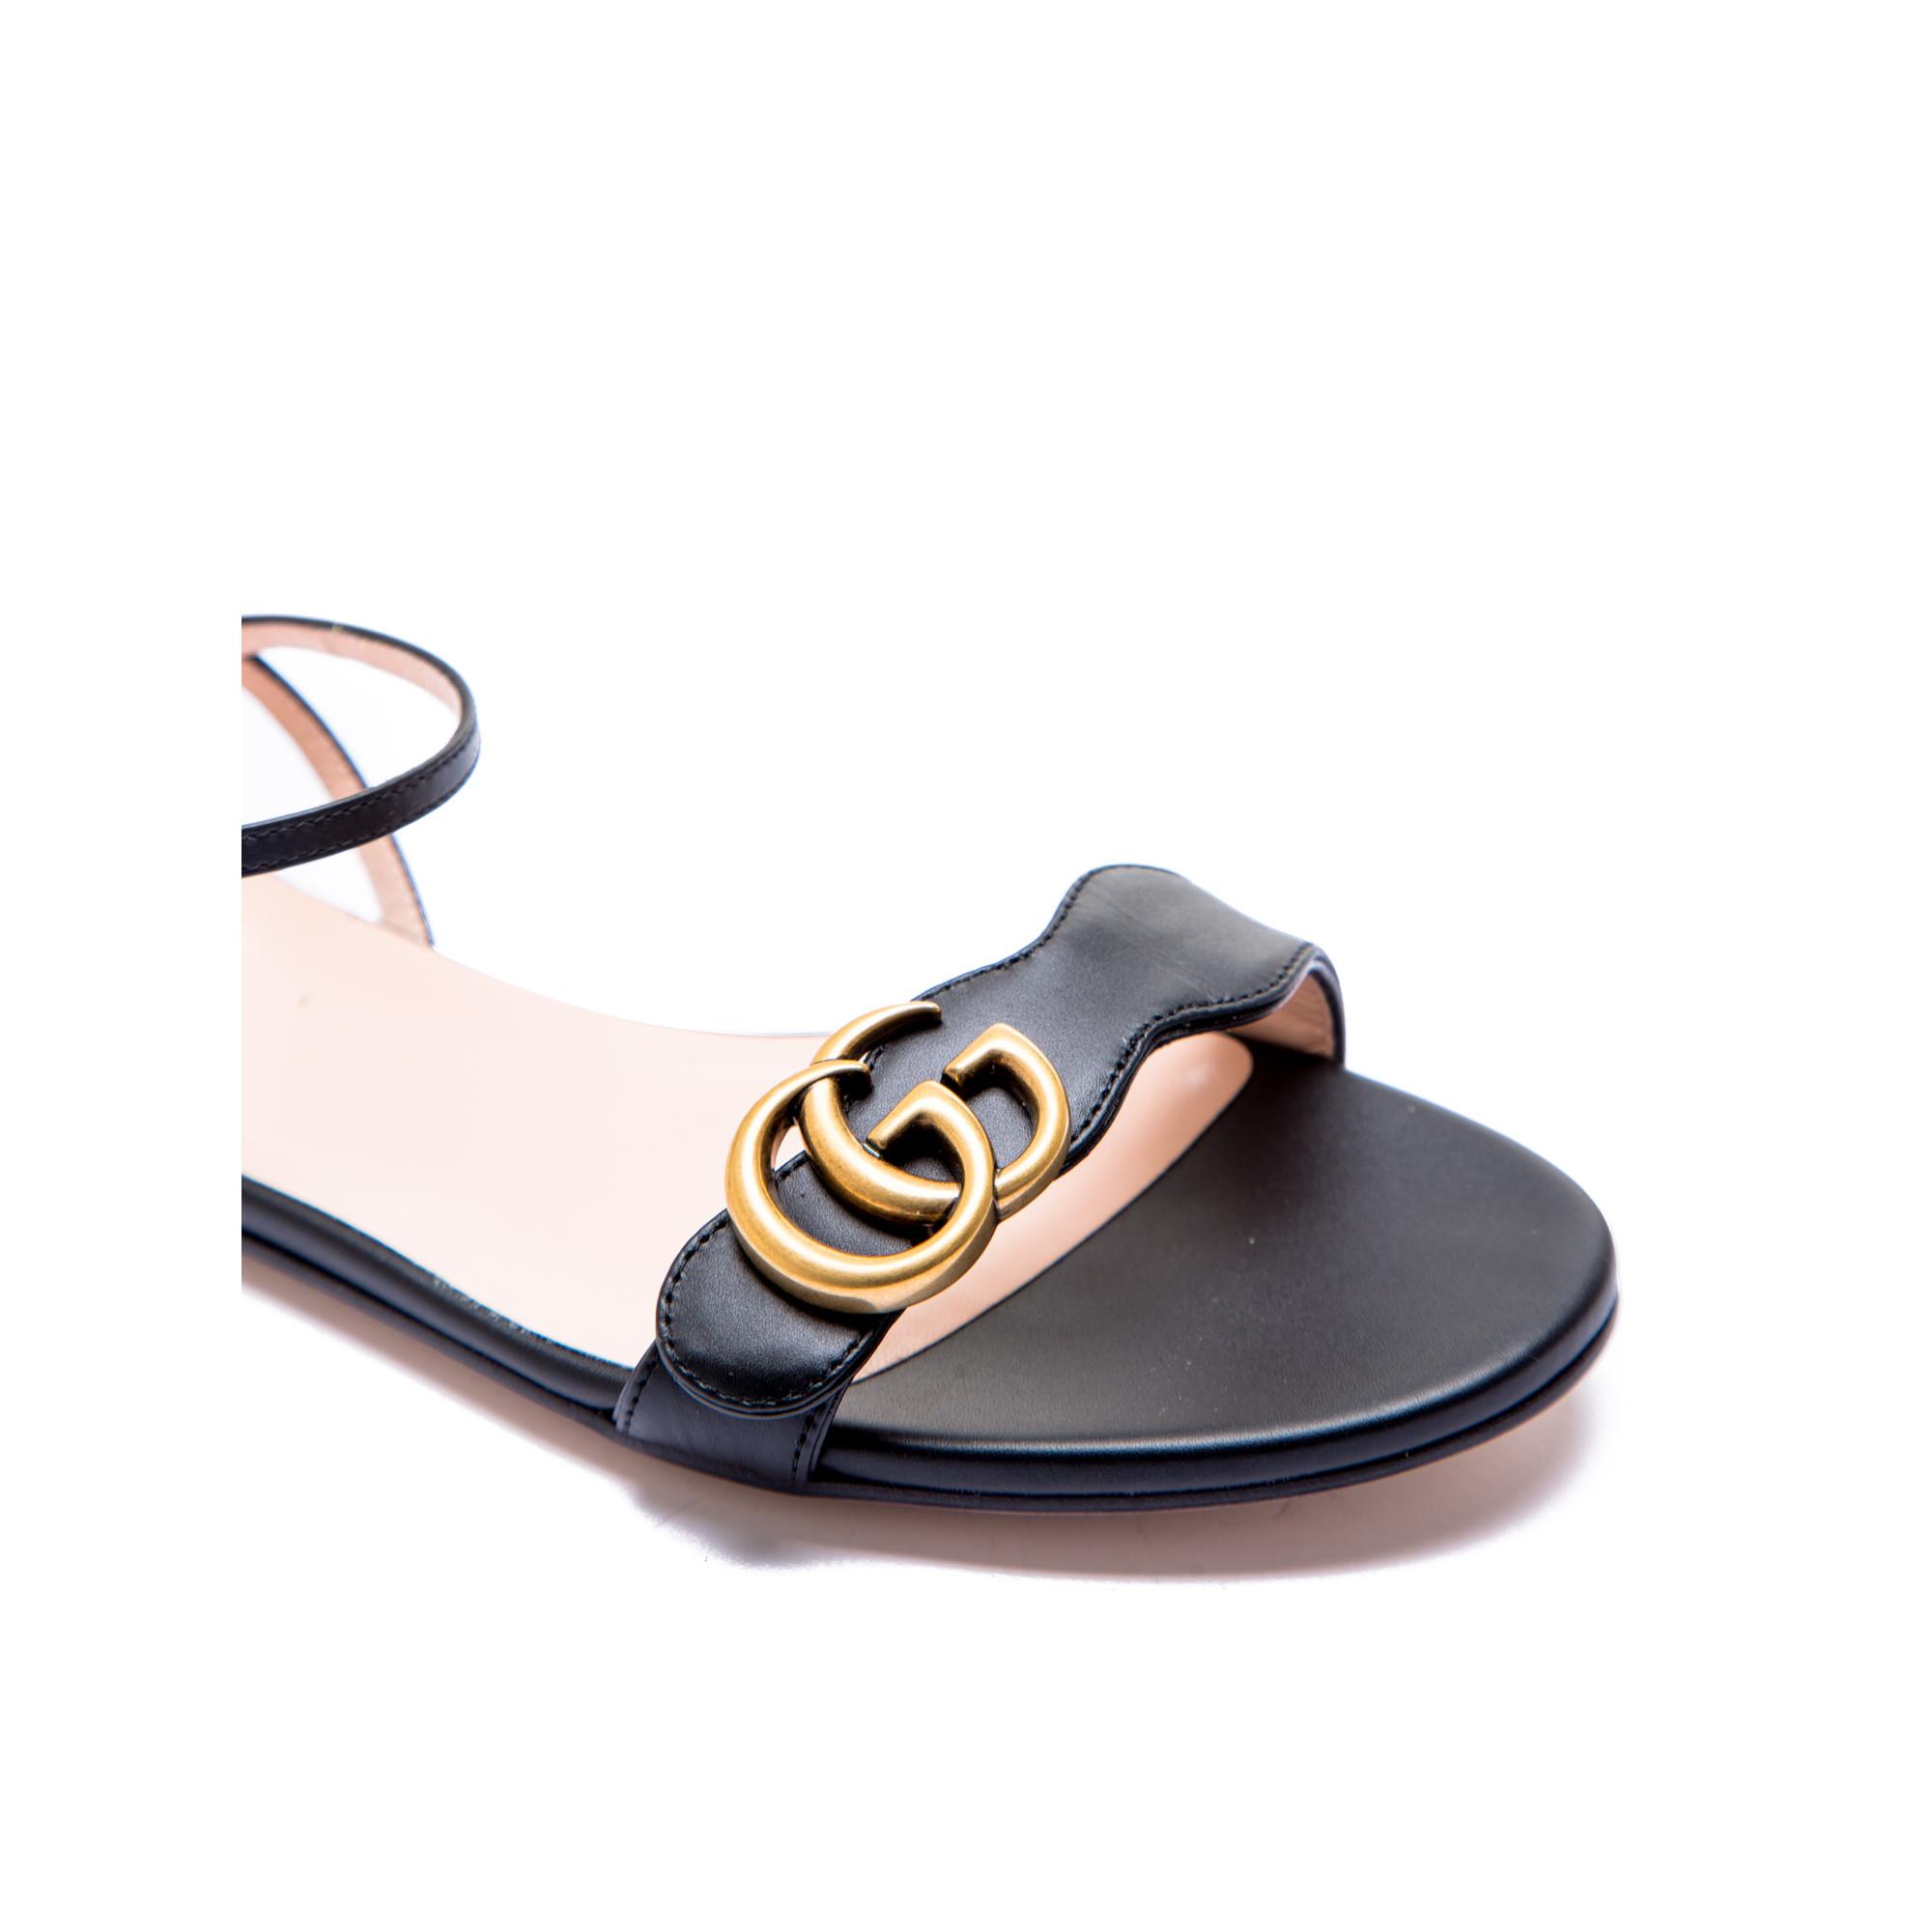 36fef23e3 ... Gucci sandals lifford black Gucci sandals lifford black - www. derodeloper.com - Derodeloper